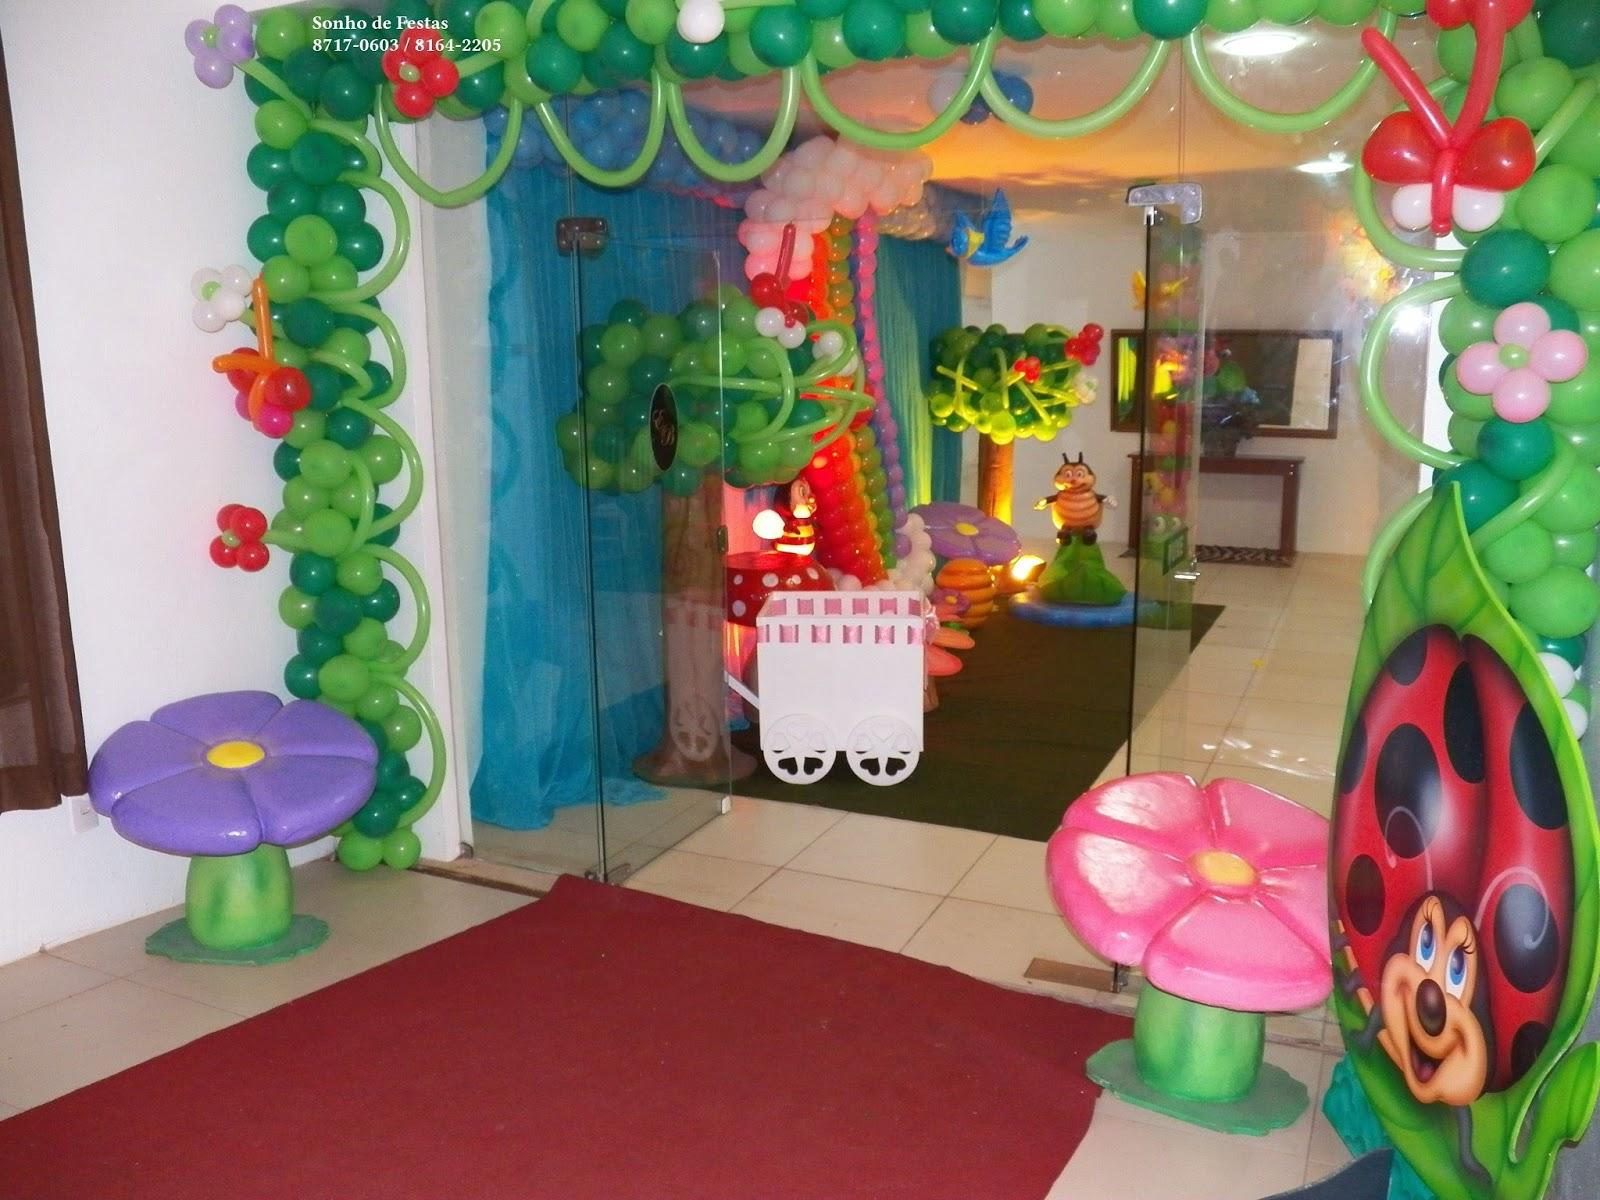 Entrada da festa foi um arco em balão em formato de joaninha